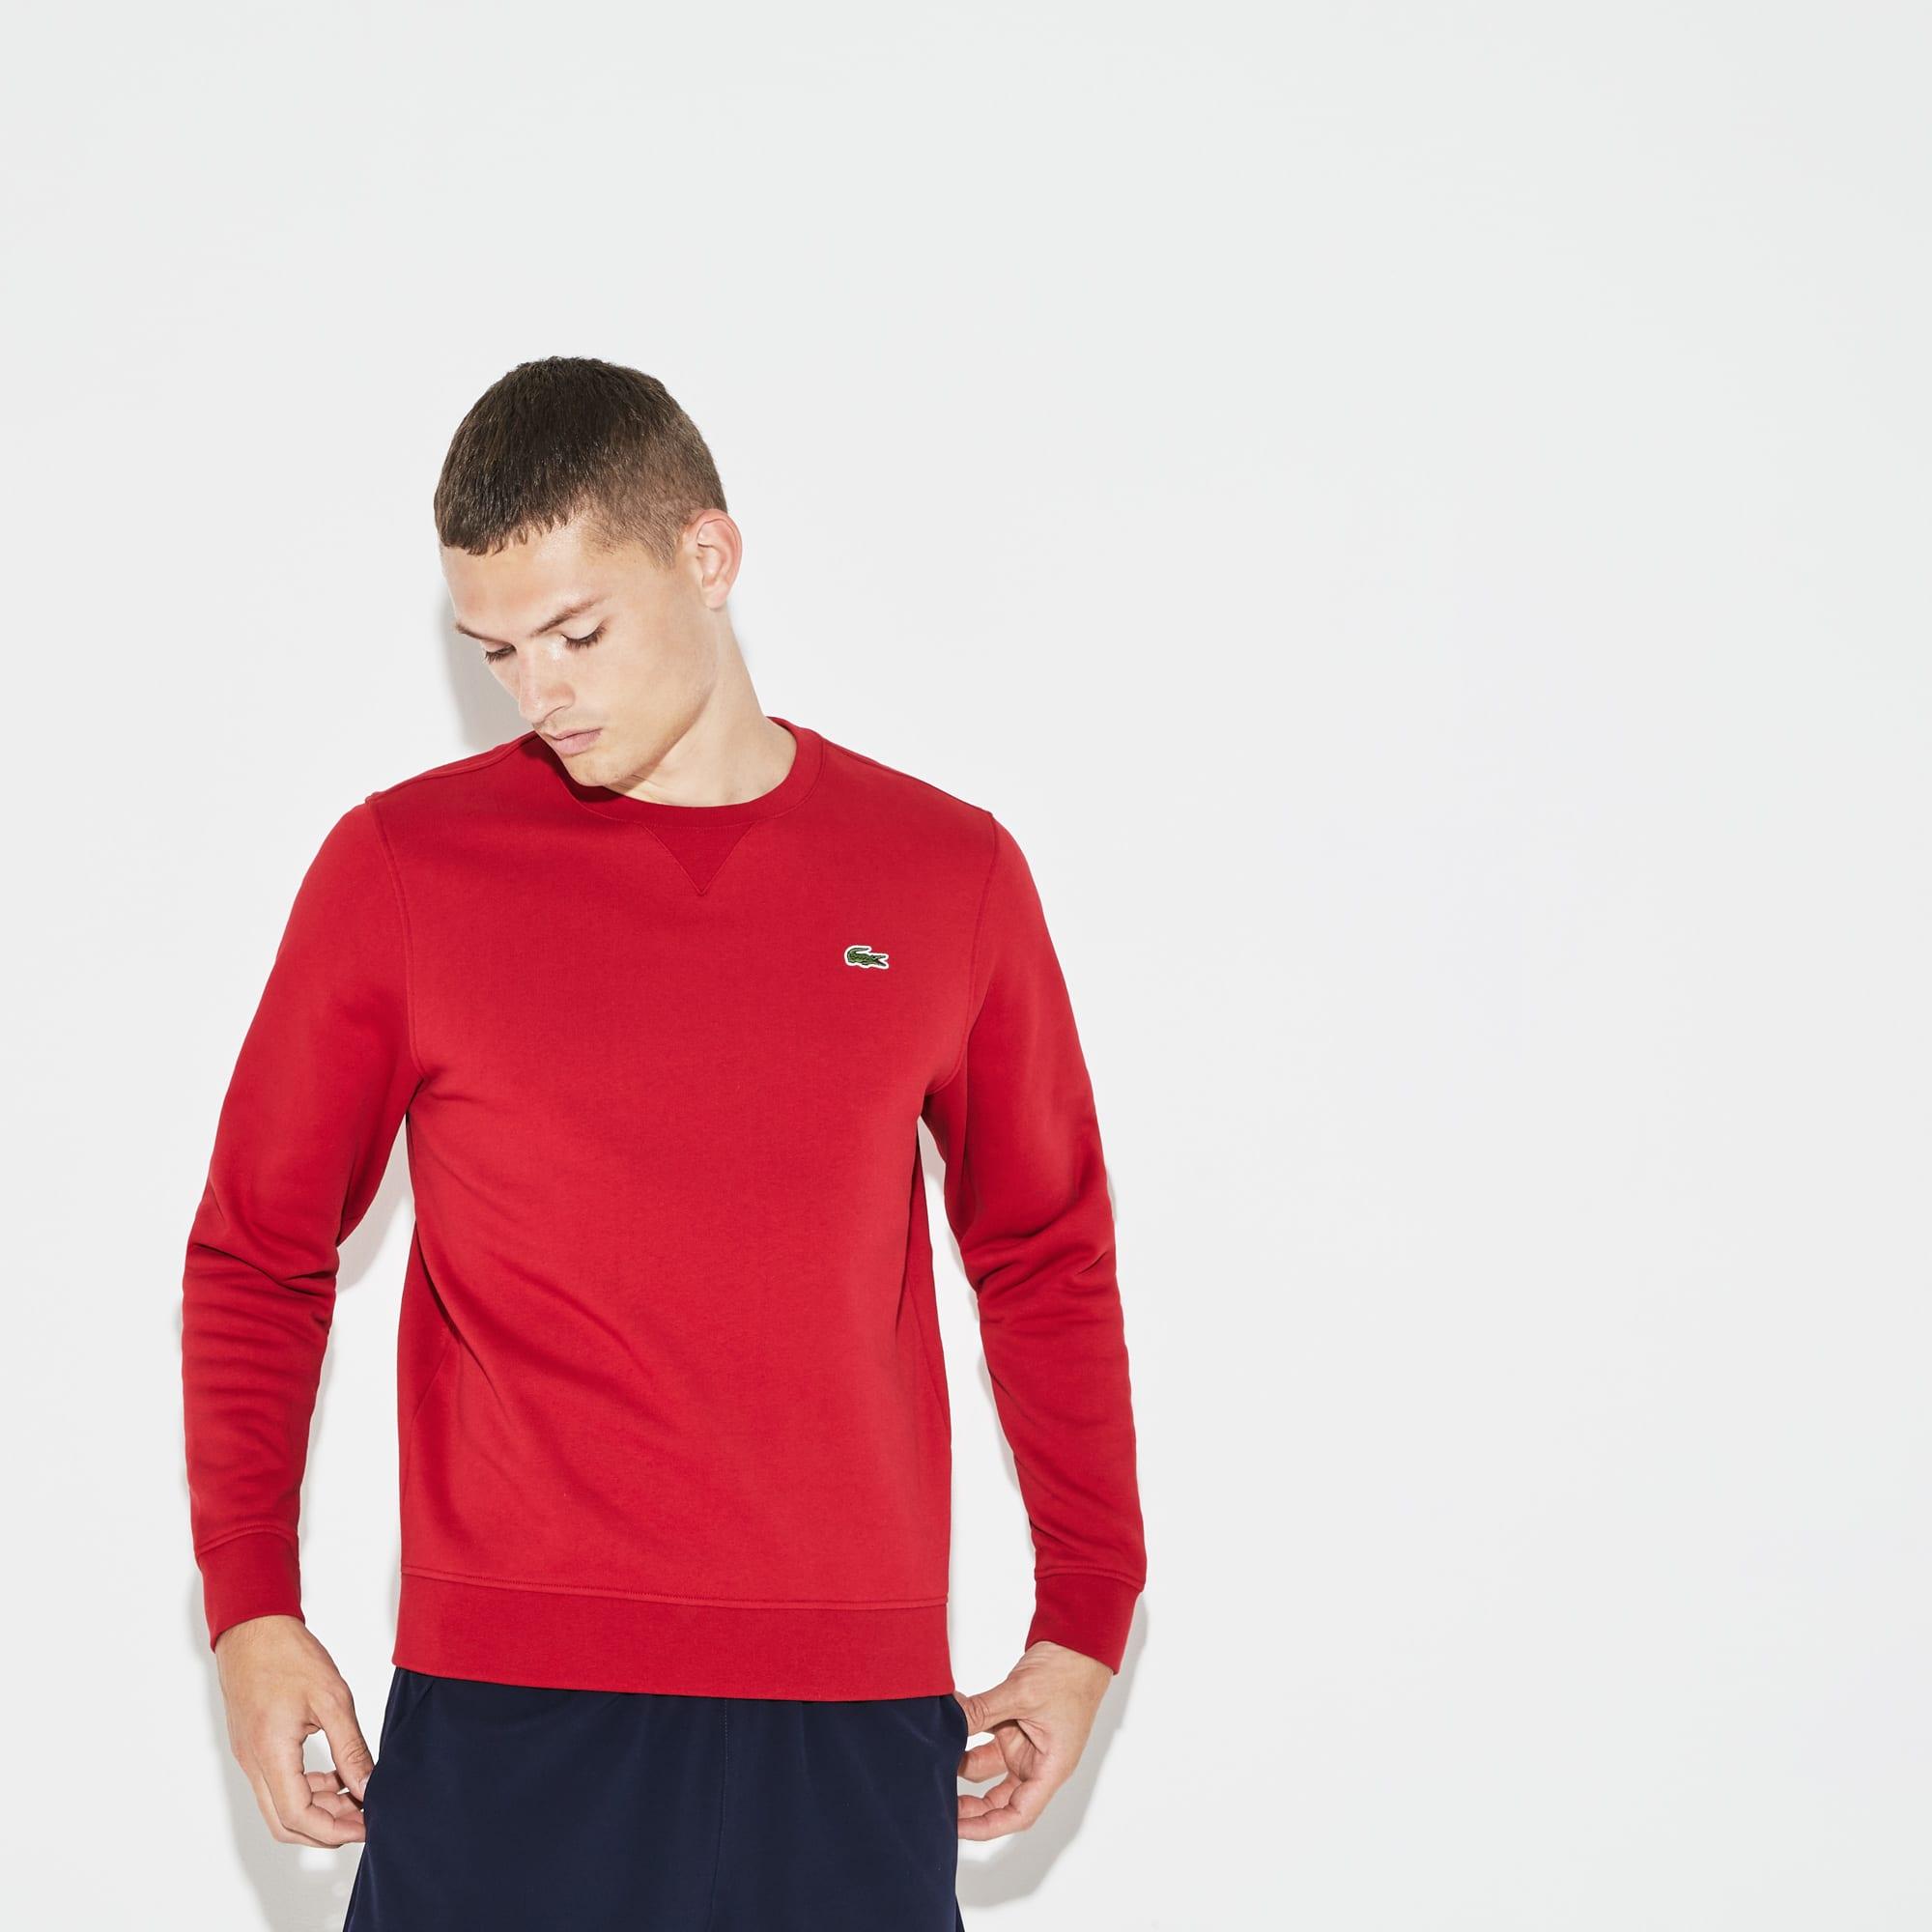 Lacoste SPORT sweater van effen molton met ronde hals